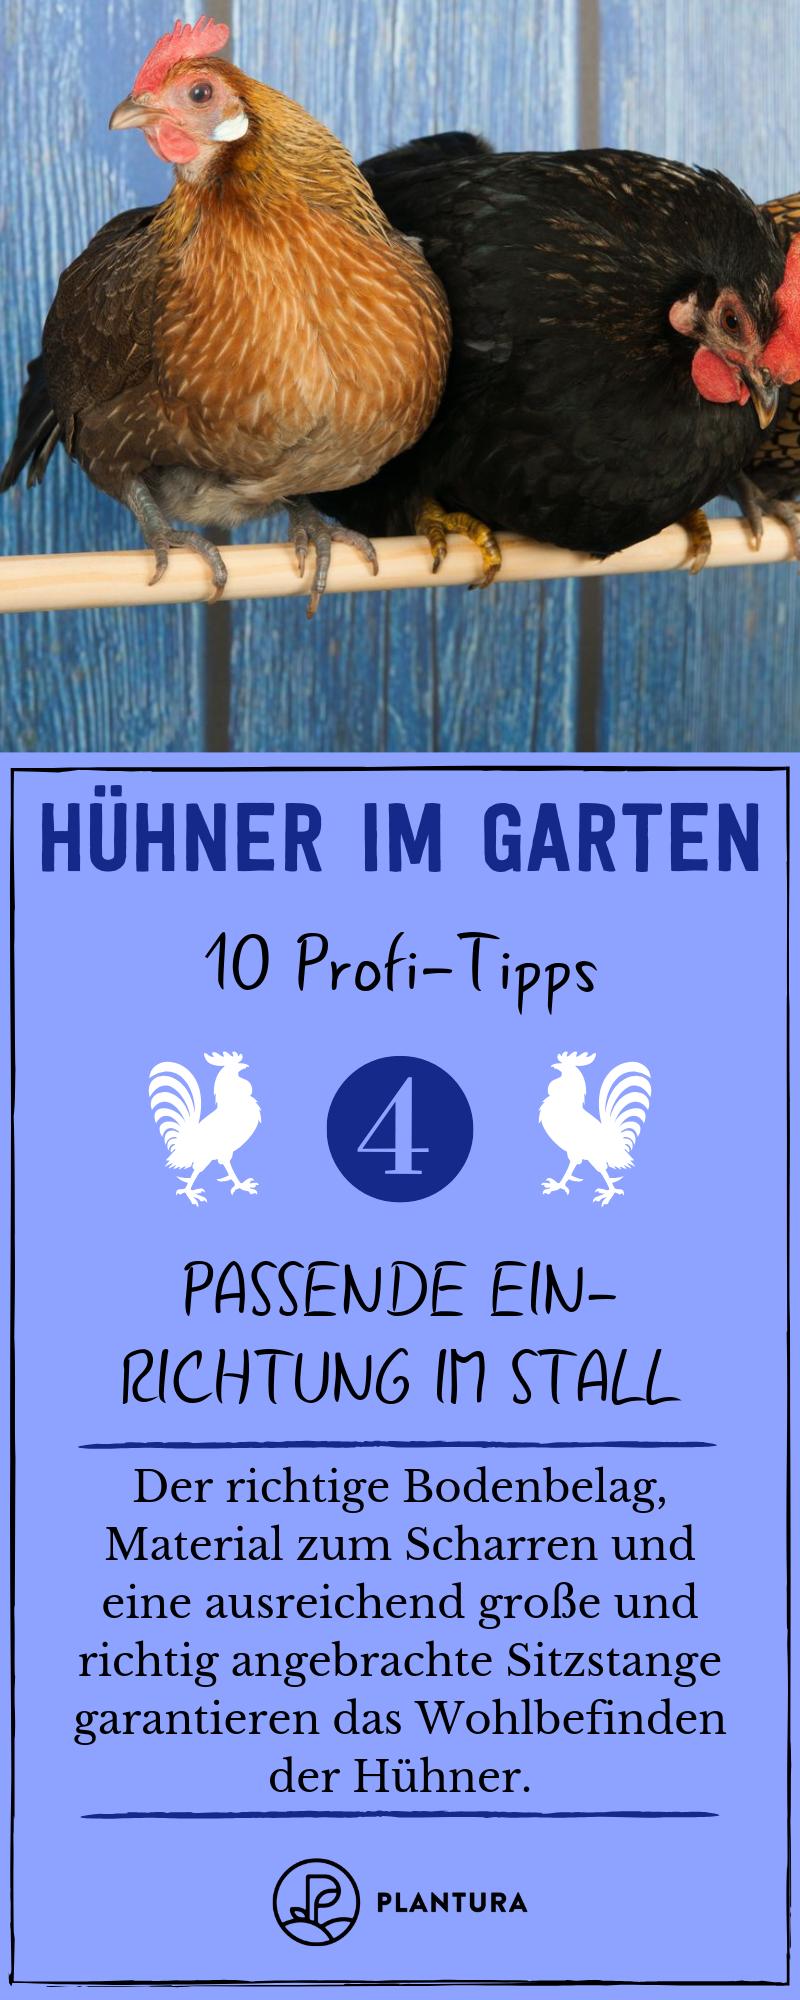 Hühner im Garten: 10 Profi-Tipps zur richtigen Haltung - Plantura #gartenideen